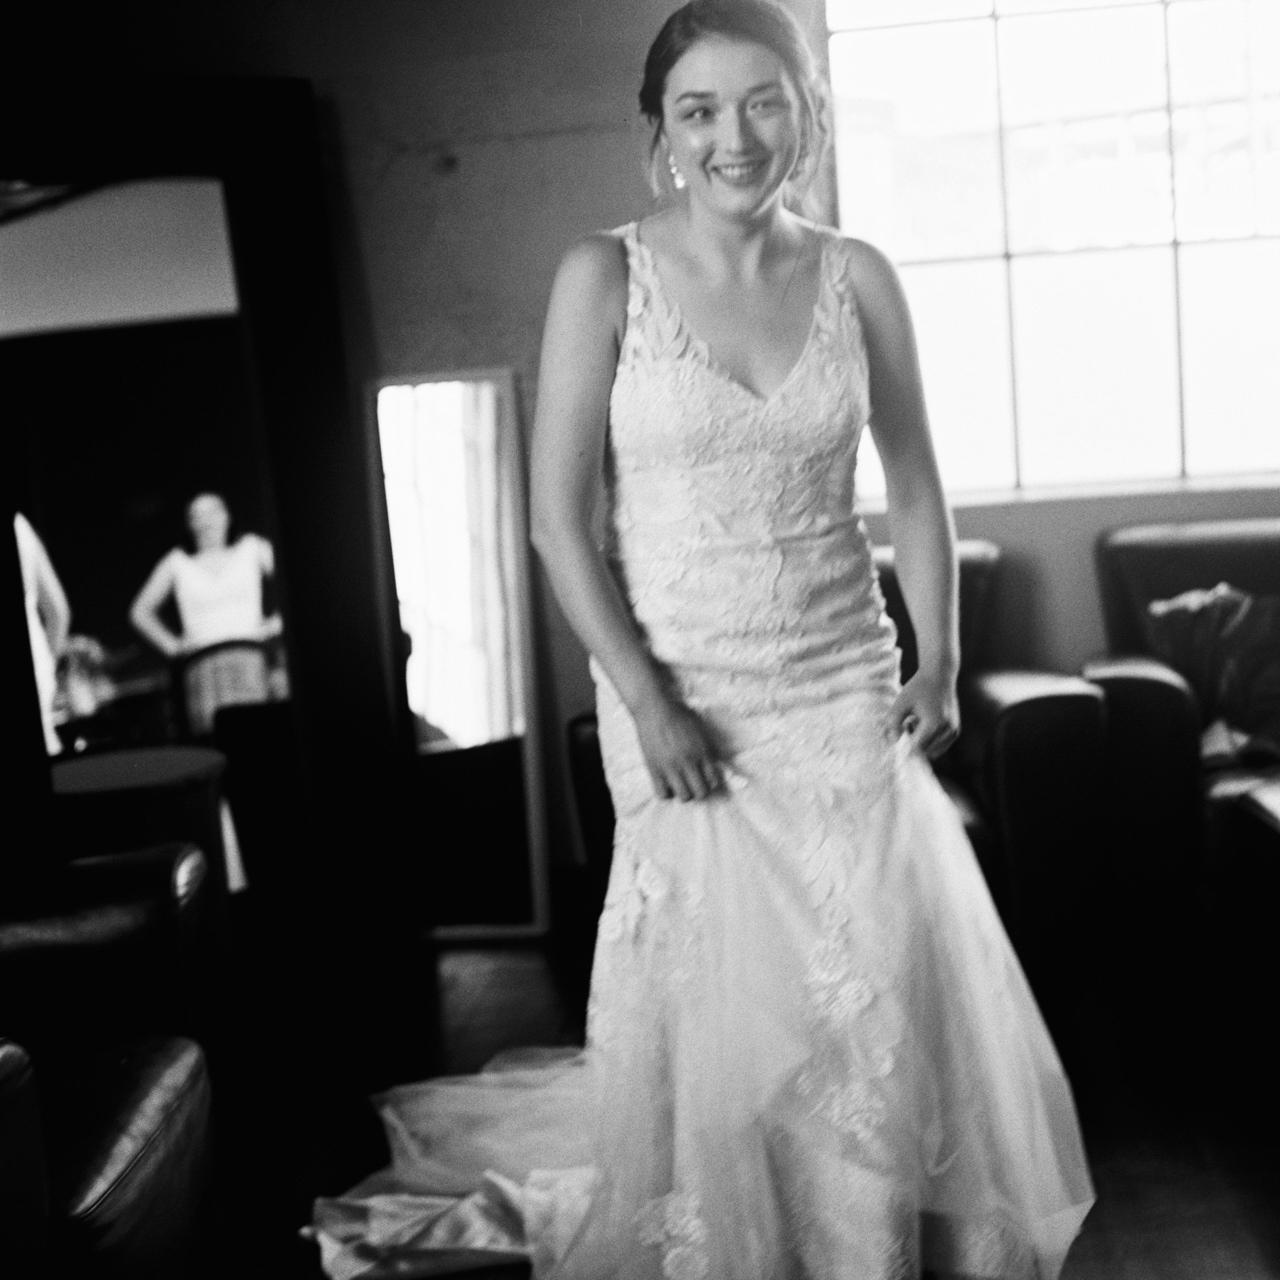 castaway-portland-oregon-wedding-099.jpg